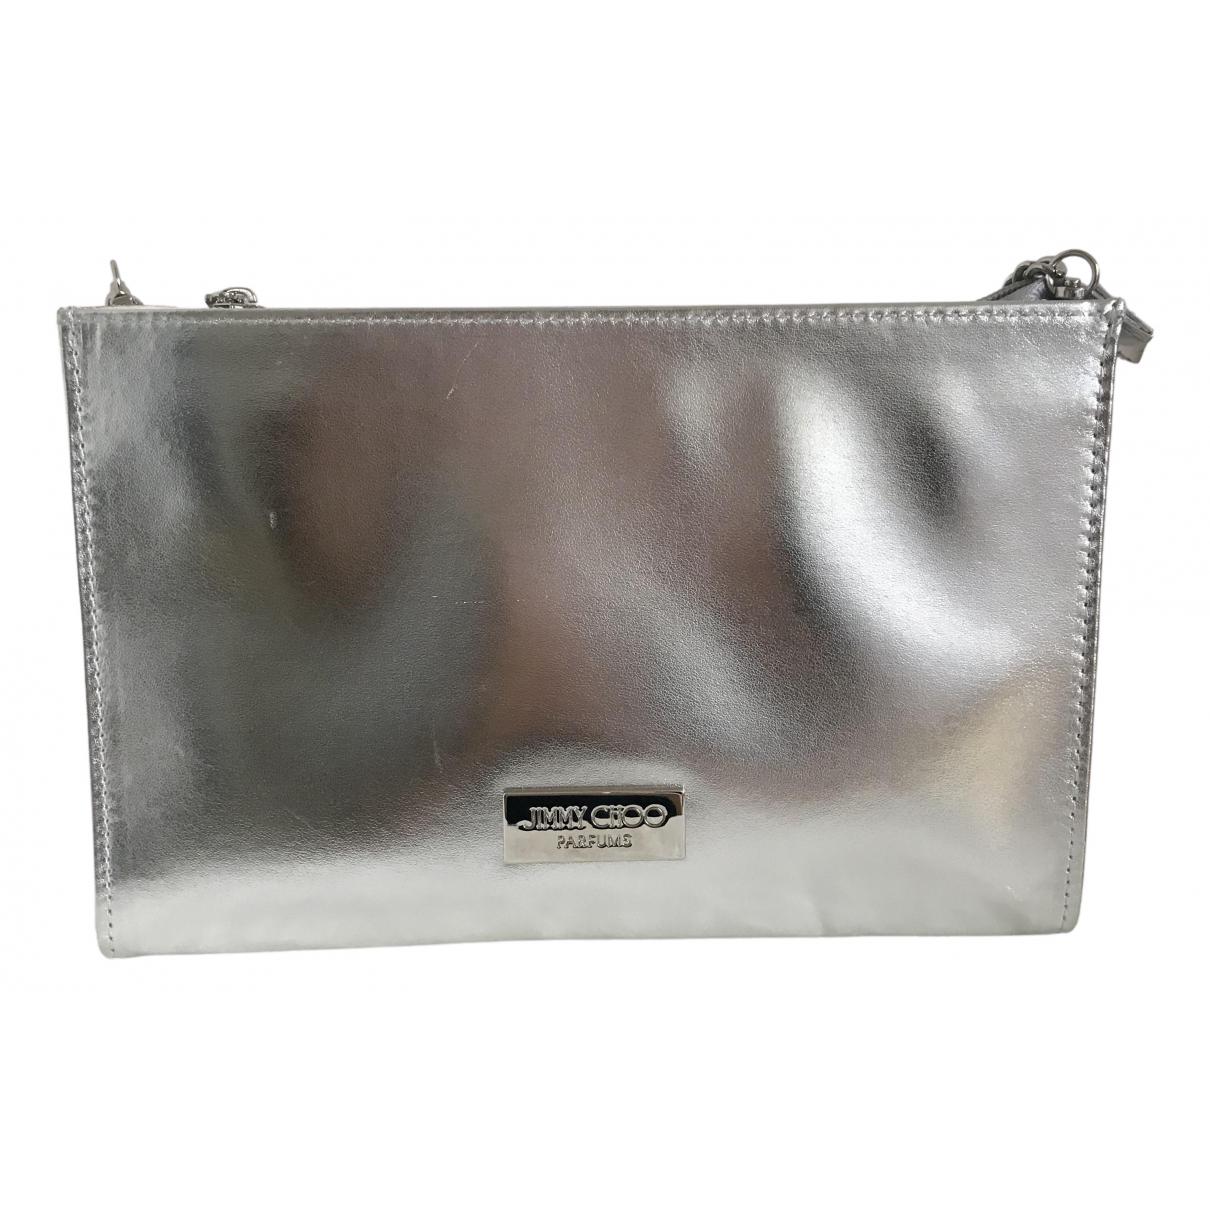 Jimmy Choo \N Metallic Clutch bag for Women \N